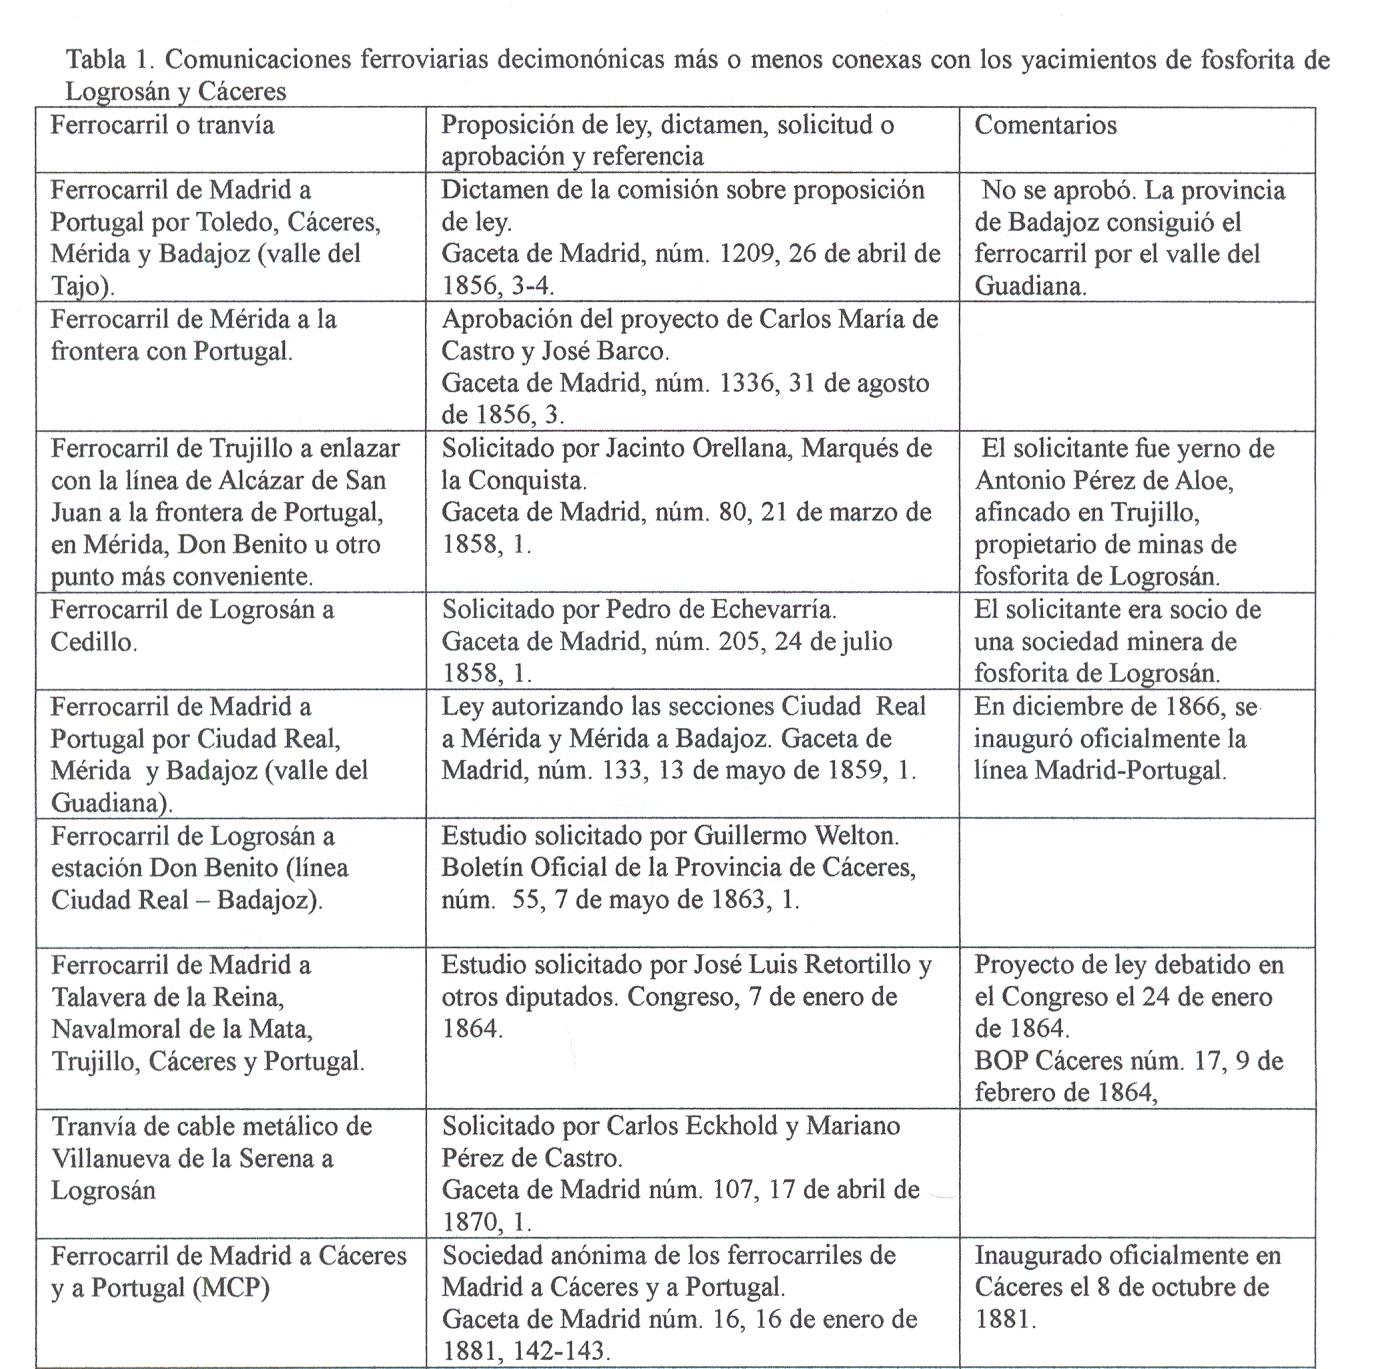 2014 pgina 2 chde trujillo la publicacin estadstica minera inform sobre la explotacin y transporte de la fosforita desde logrosn y cceres a partir de 186349 urtaz Image collections